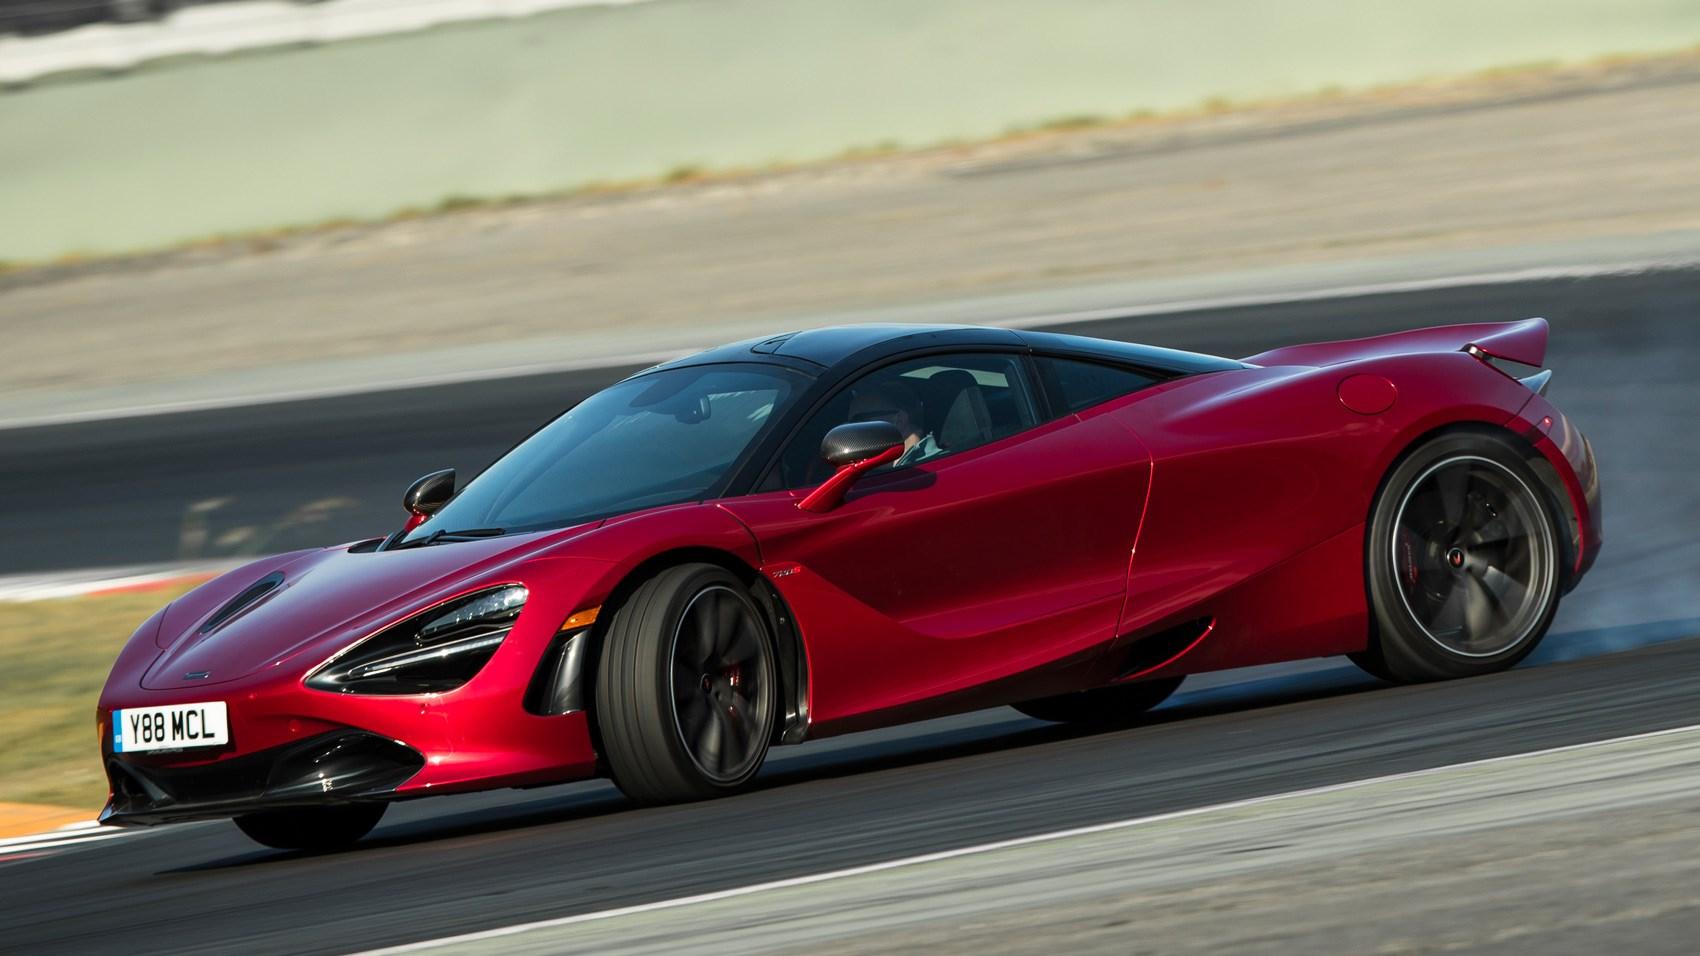 2017 Ferrari 458 Price >> McLaren 720S (2017) review | CAR Magazine